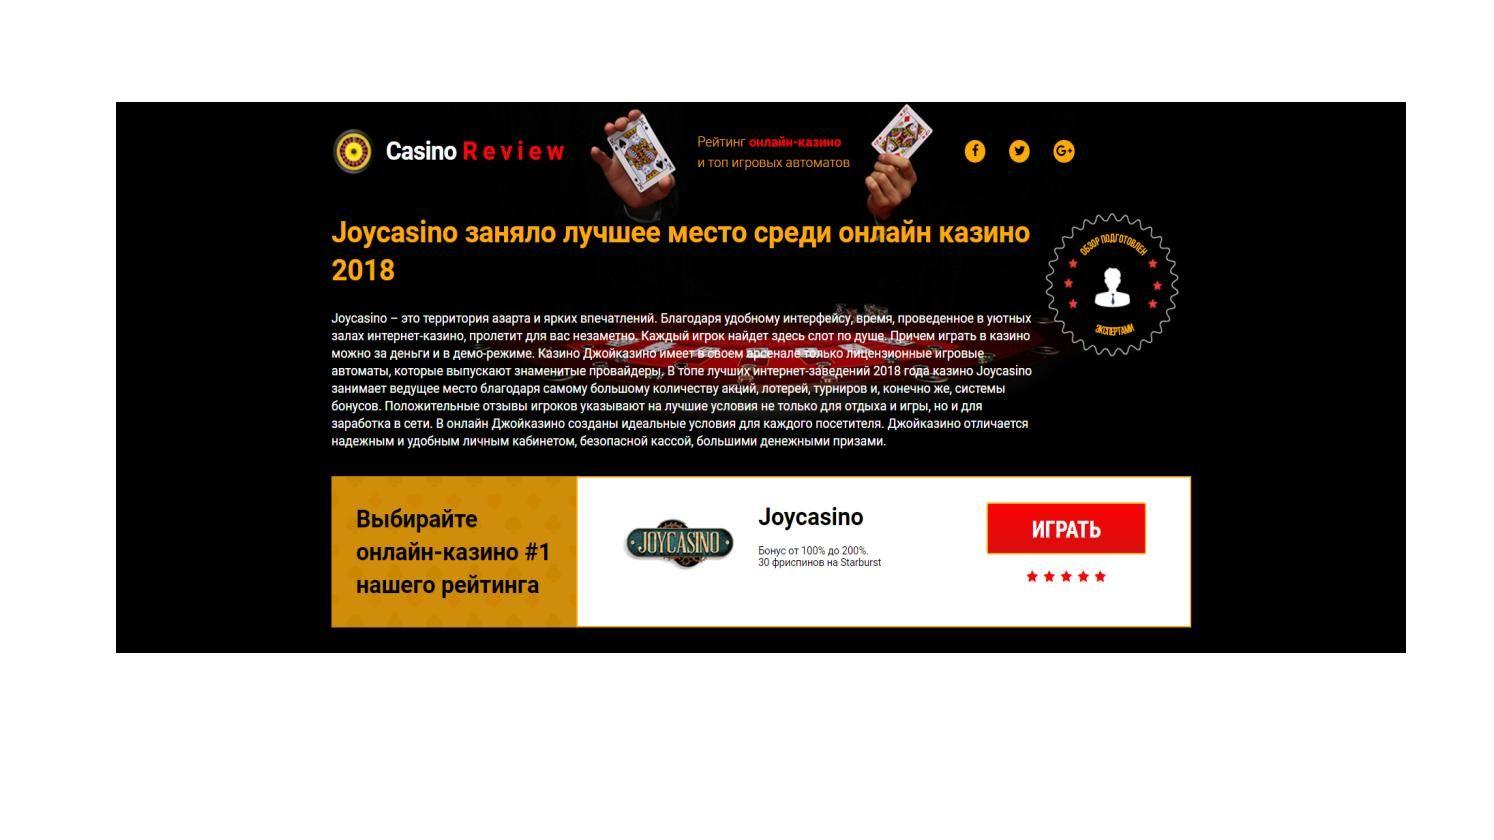 онлайн казино джойказино 2018